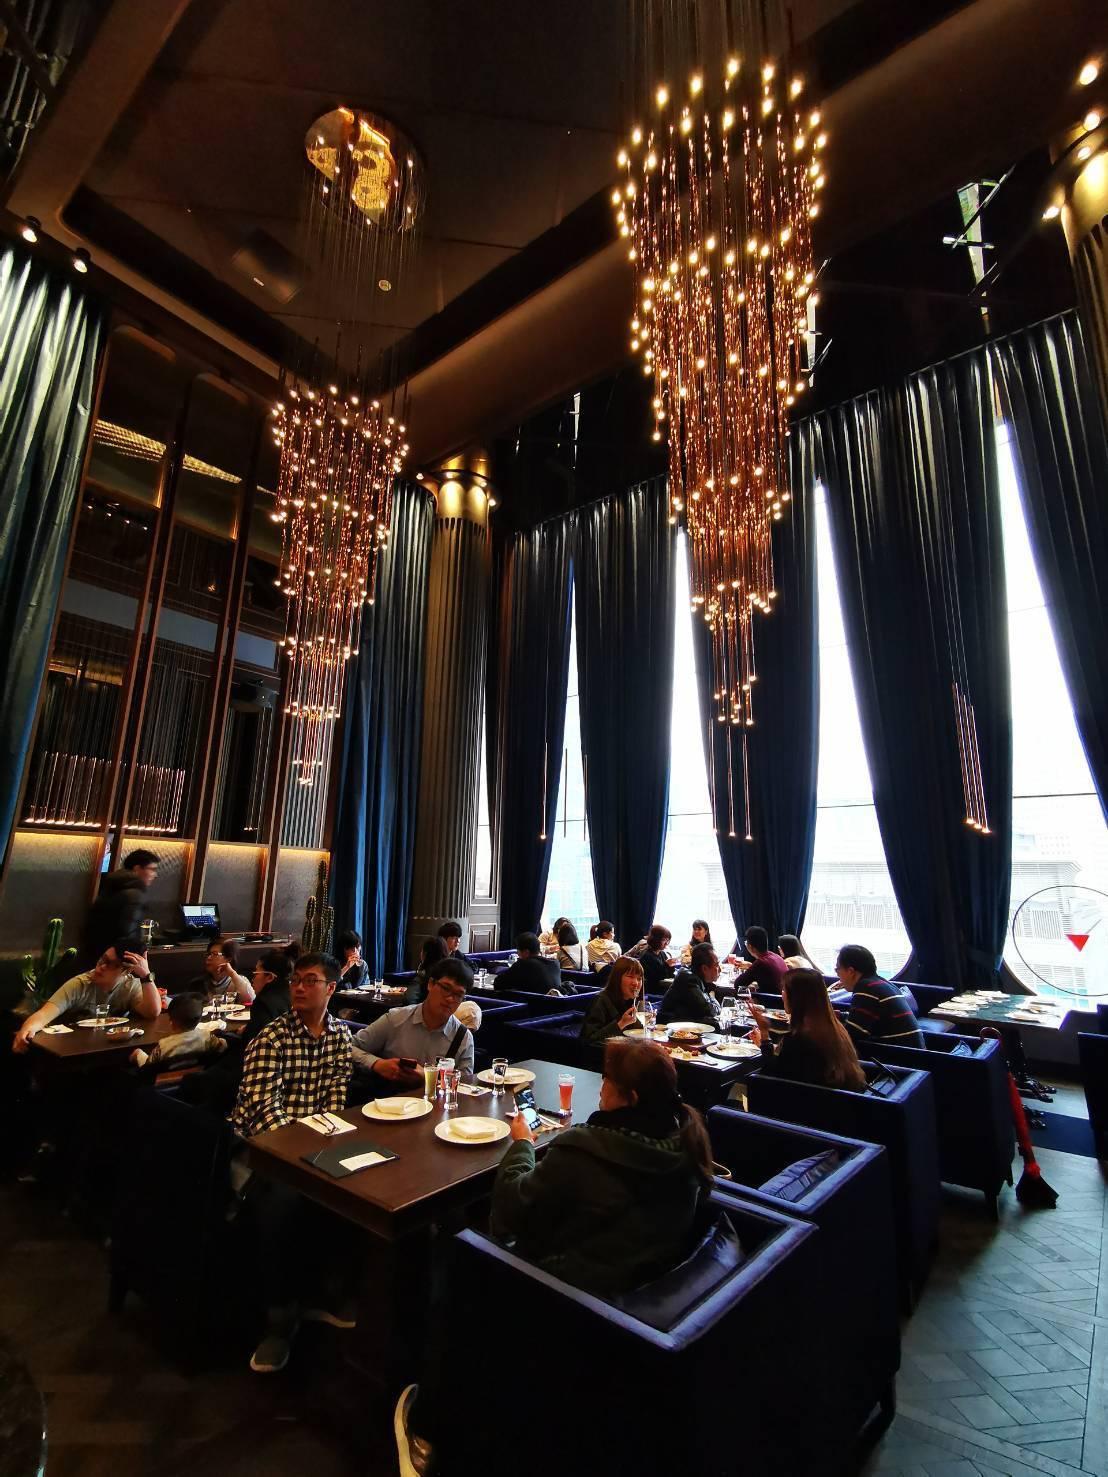 UMAMI設計風格走低調奢華風,挑高9米,營造舒適寬敞的用餐環境,不會有壓迫感。...